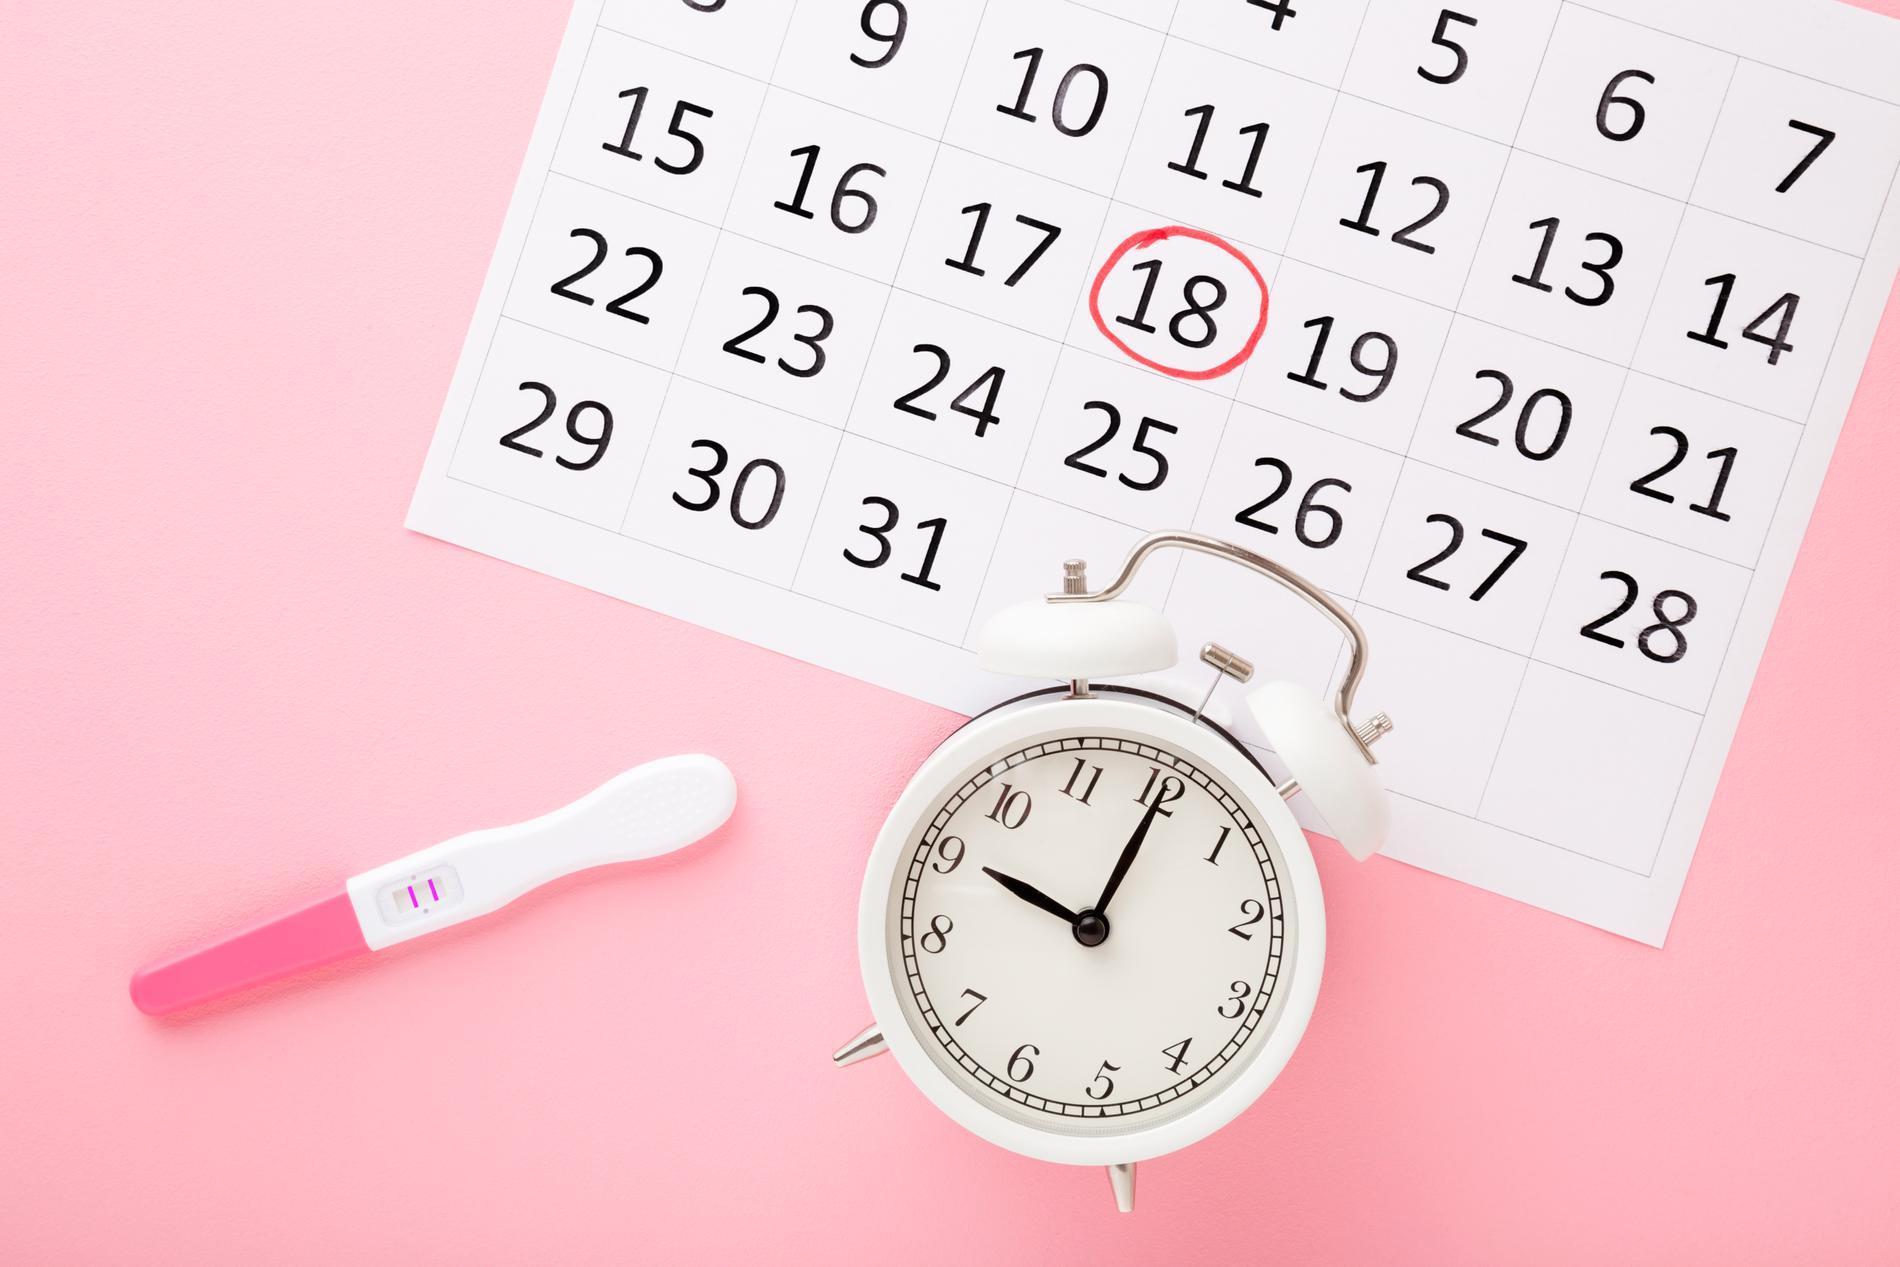 Kalender med inringat datum för ägglossning och ett ägglossningstest som visar positivt. Nu är chansen störst att bli gravid.